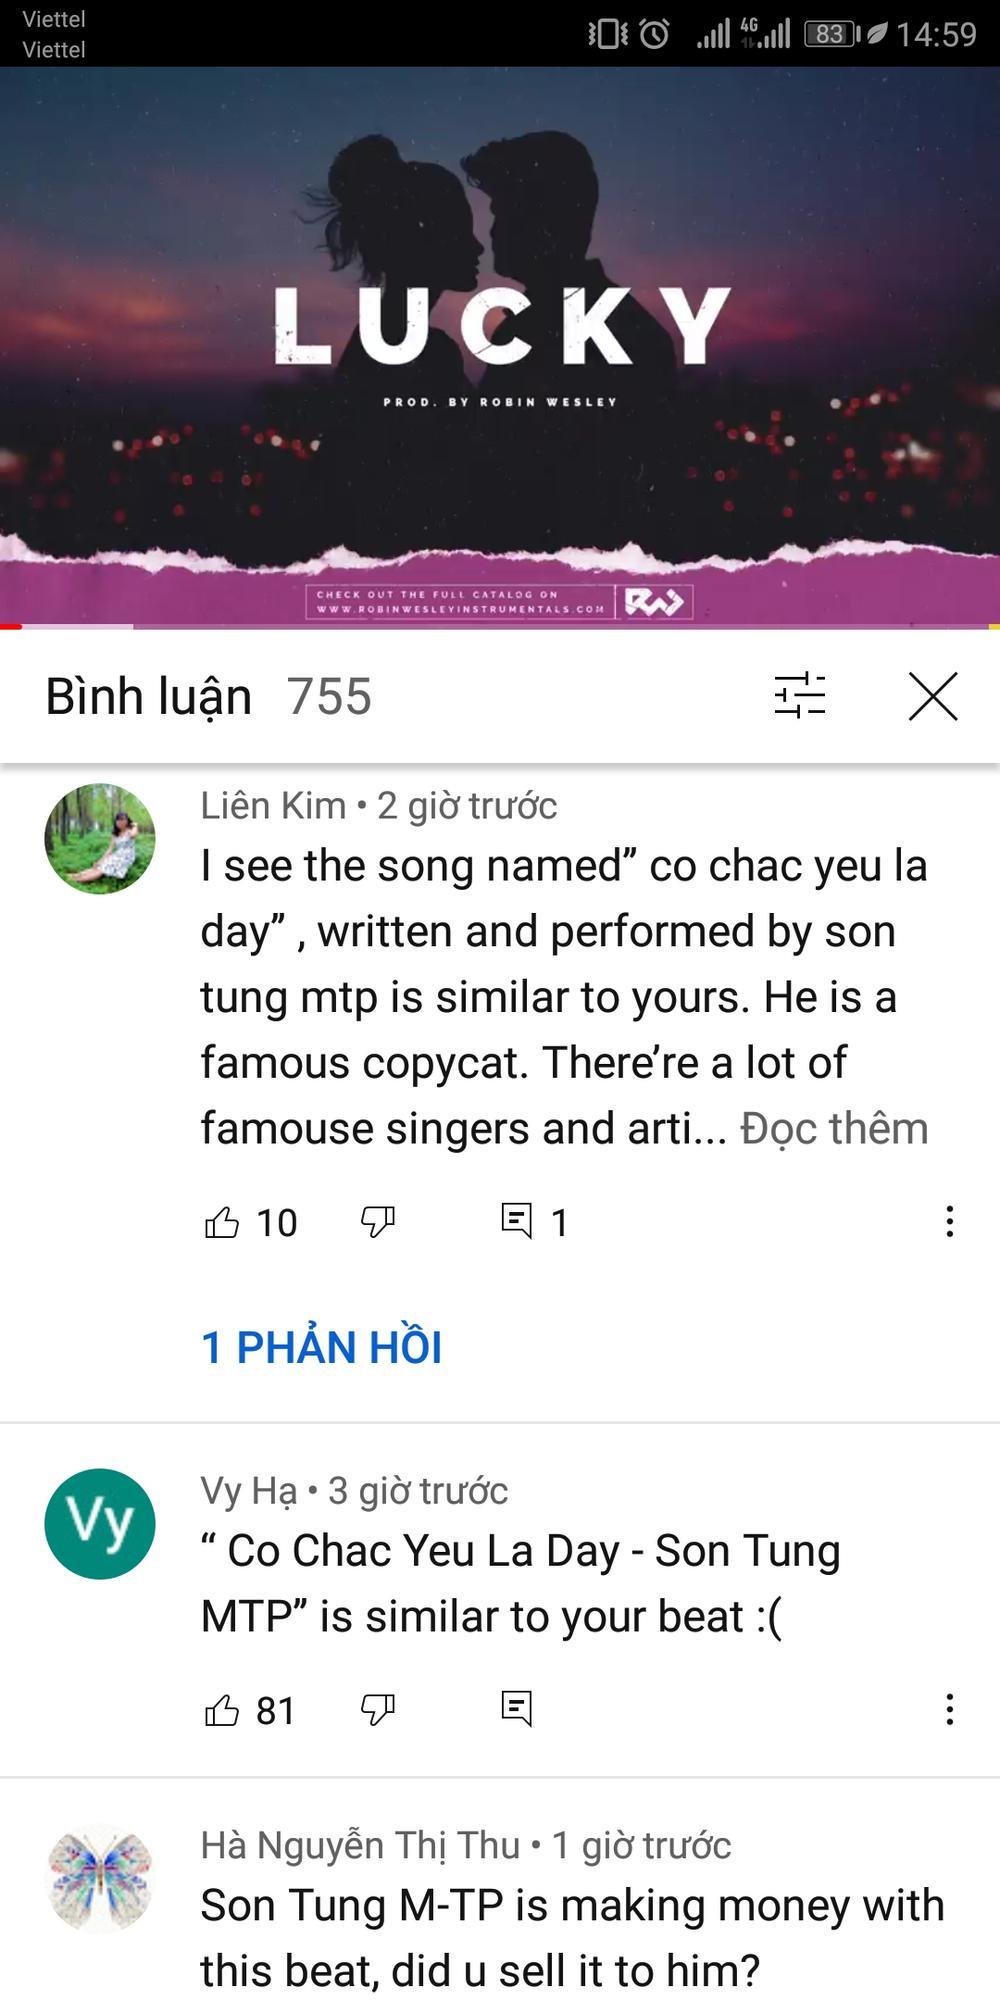 Fan Việt tố 'Có chắc đây là yêu' của Sơn Tùng đạo nhạc MV nước ngoài, chủ kênh bất ngờ vì quá giống? Ảnh 1